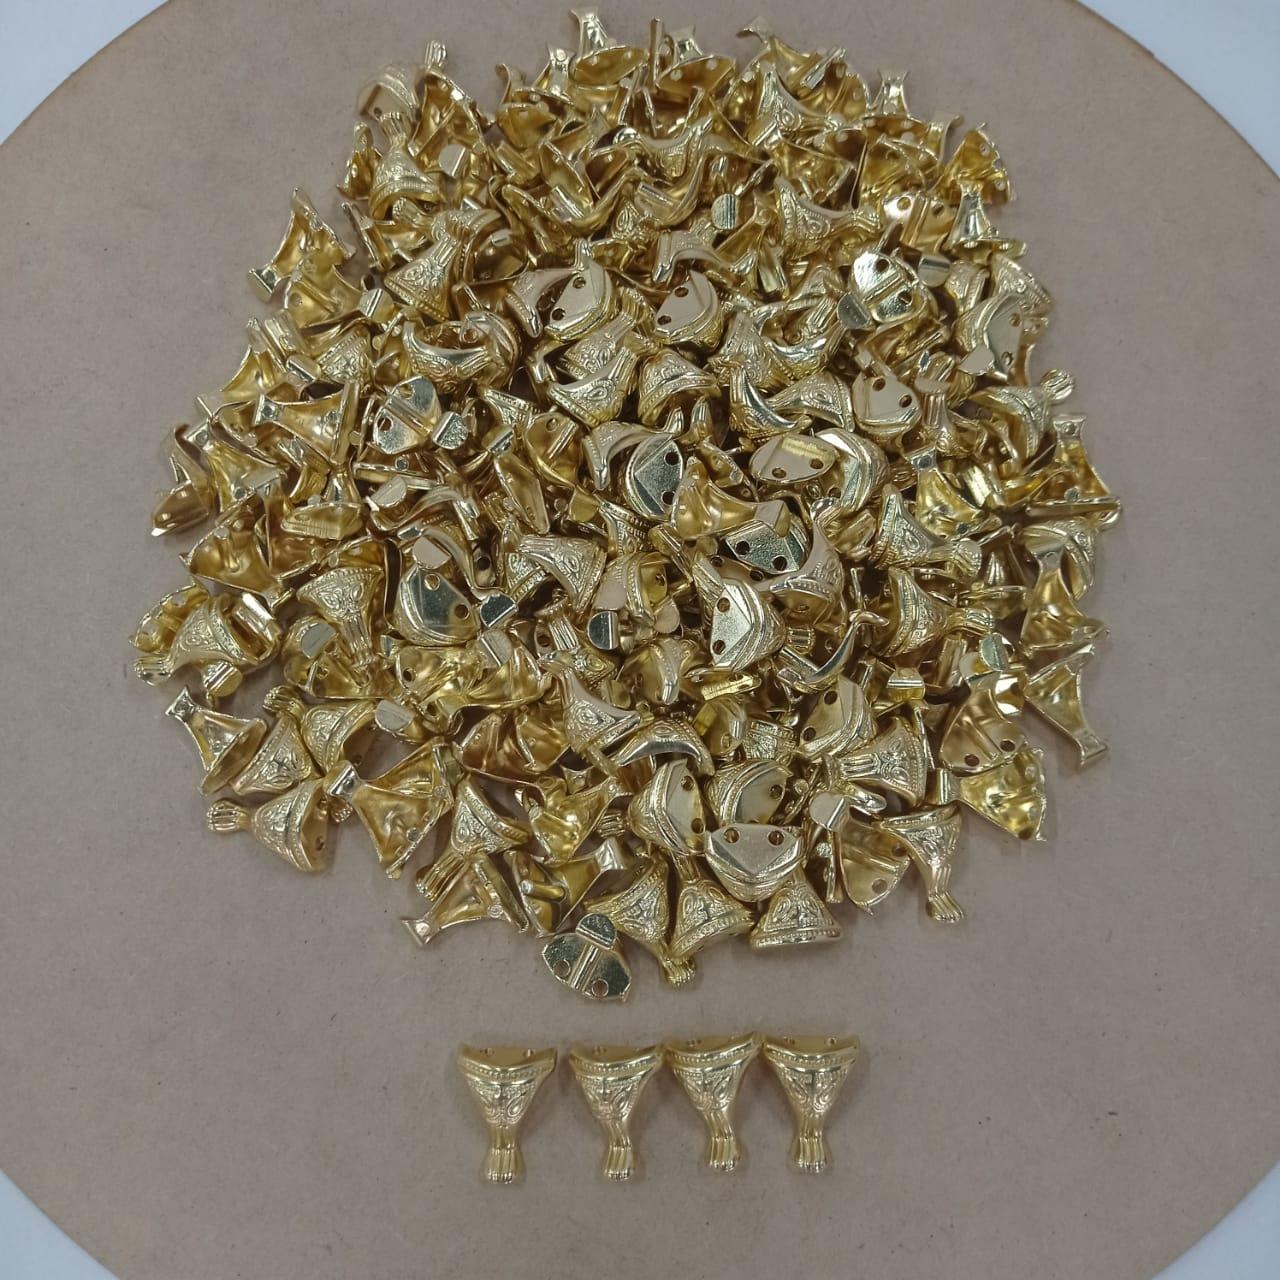 Kit 16 Pezinhos de Metal Tradicional Pequeno  para Caixas em MDF - Dourado